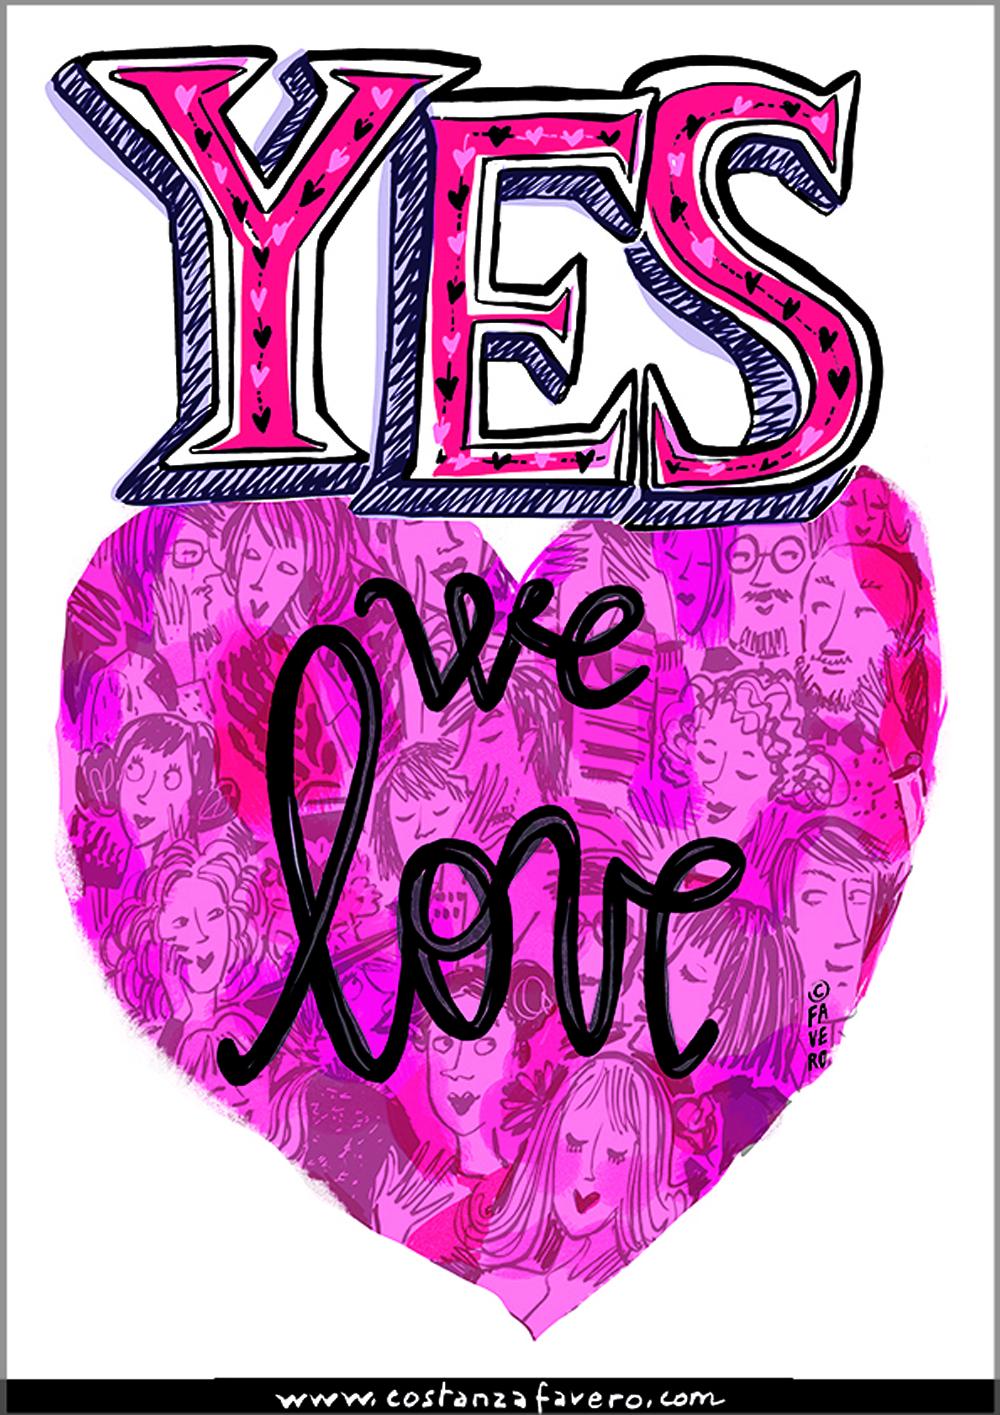 san valentino YES WE LOVE creato da Costanza Favero